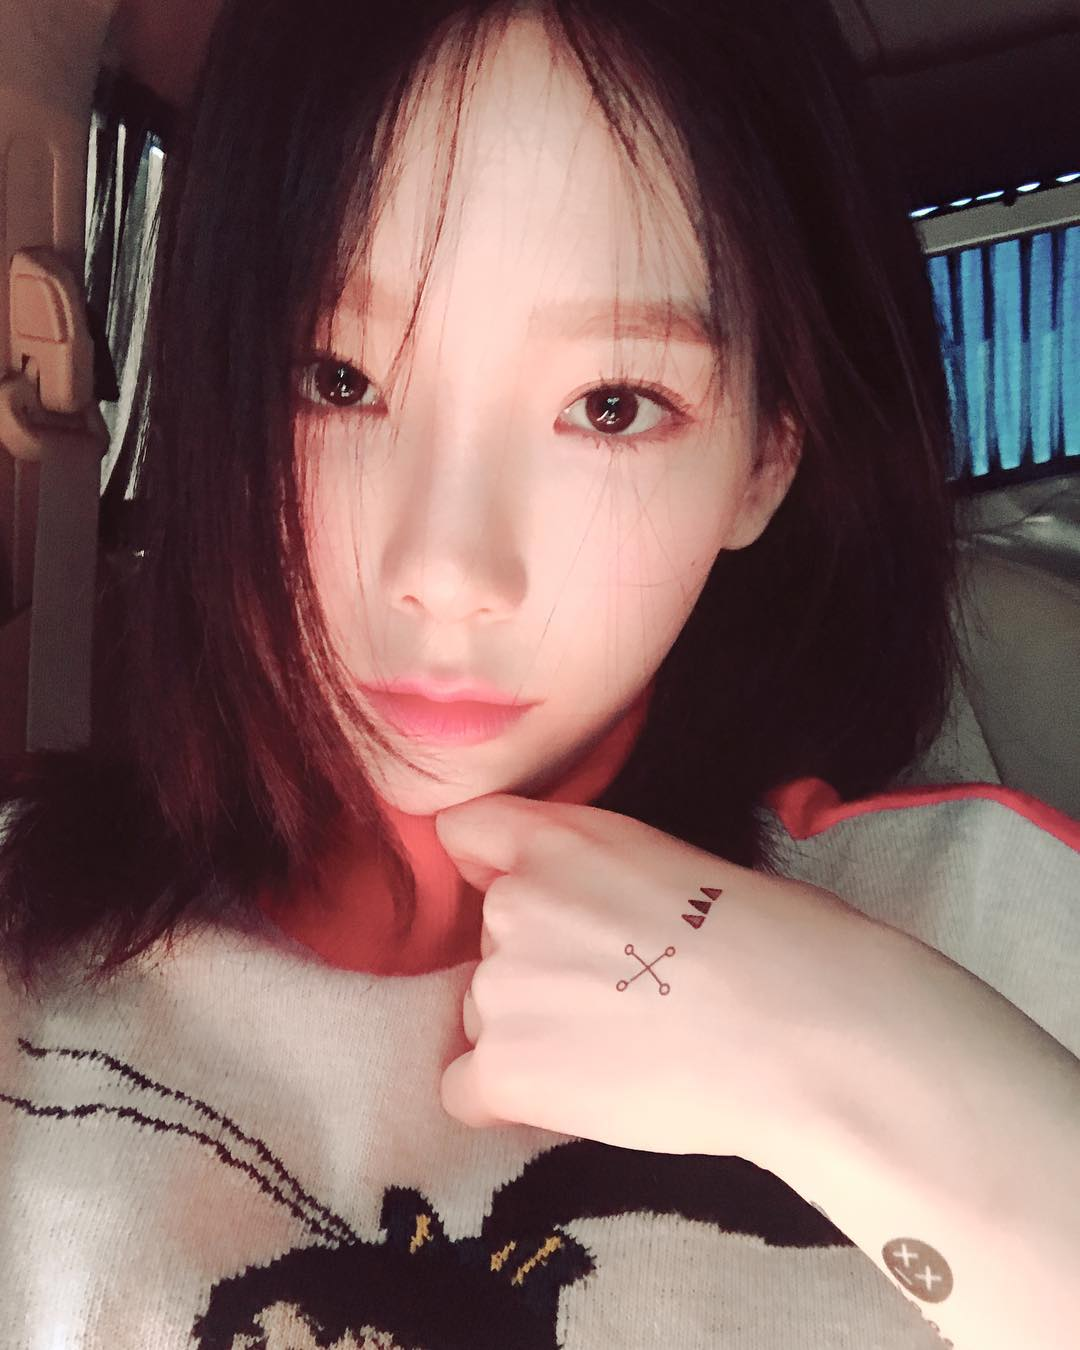 泰妍欧尼,让人非常专注地认真欣赏她的美颜暴击,而手背上的纹身贴甚是